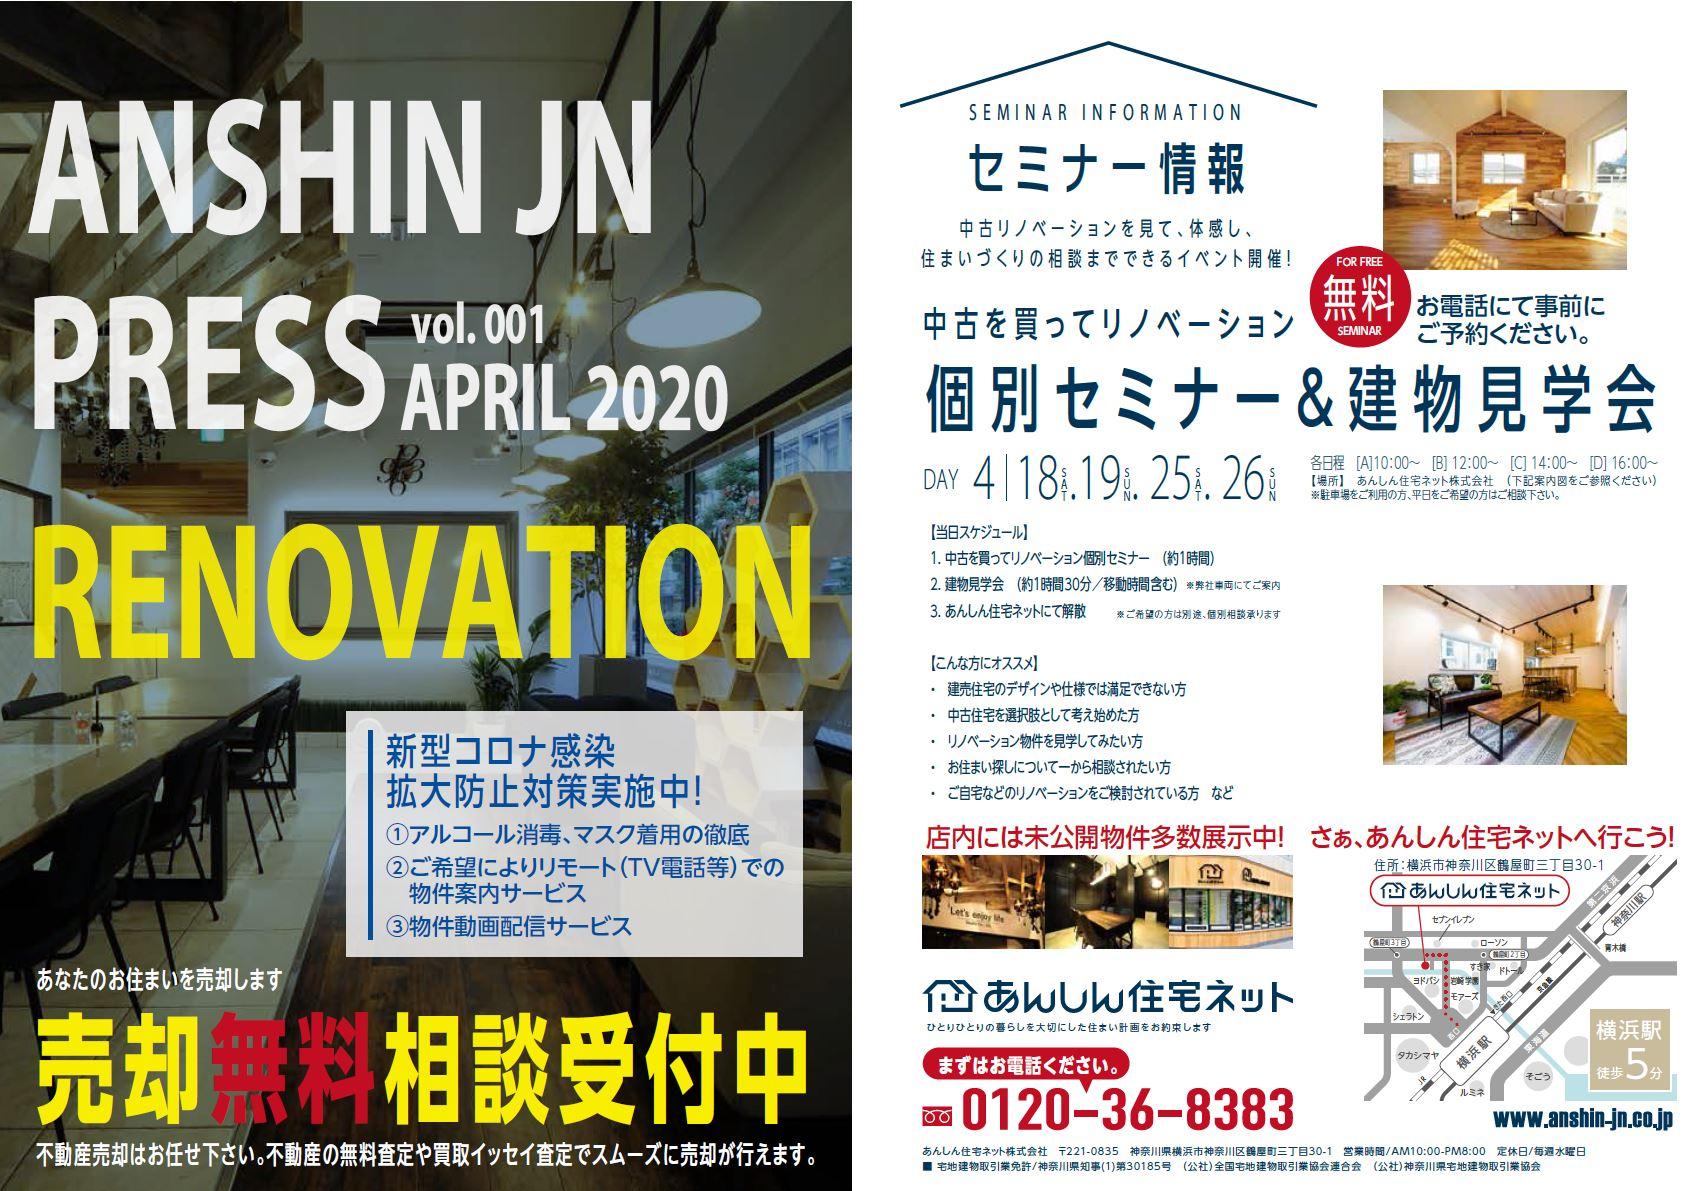 【無料・1日4回開催】個別セミナー&建物見学会 4/18(土)12時~